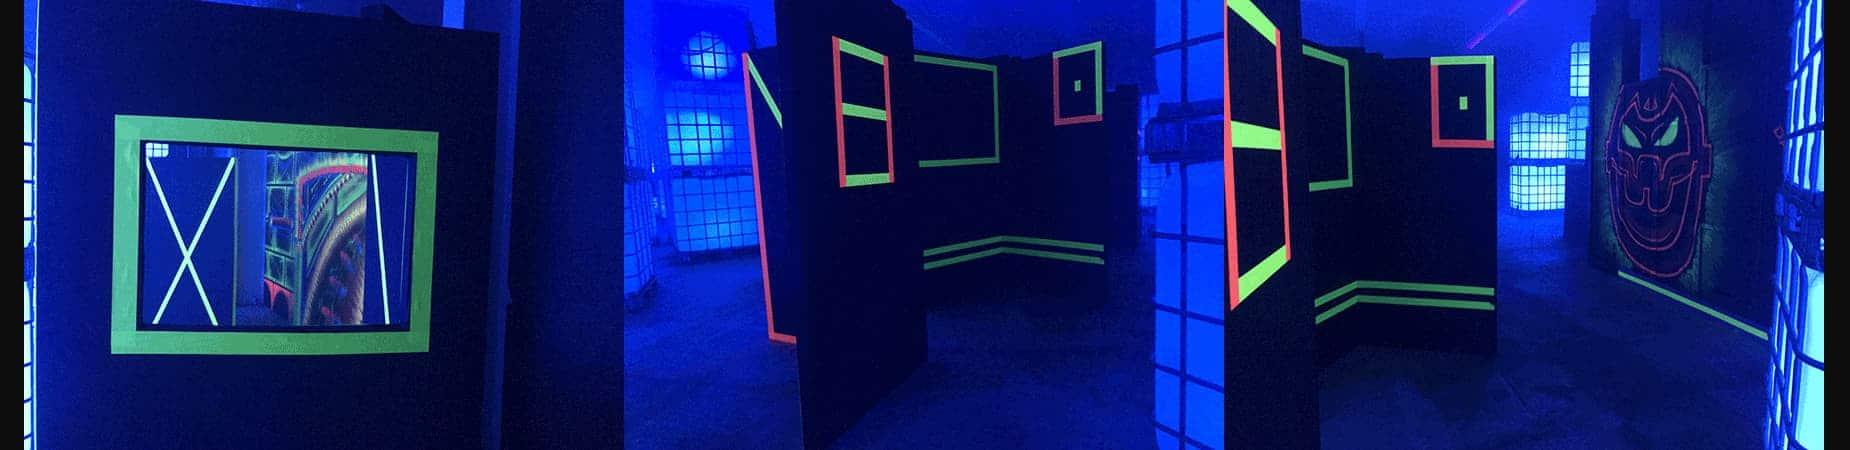 LaserTag bei Hagen spielen